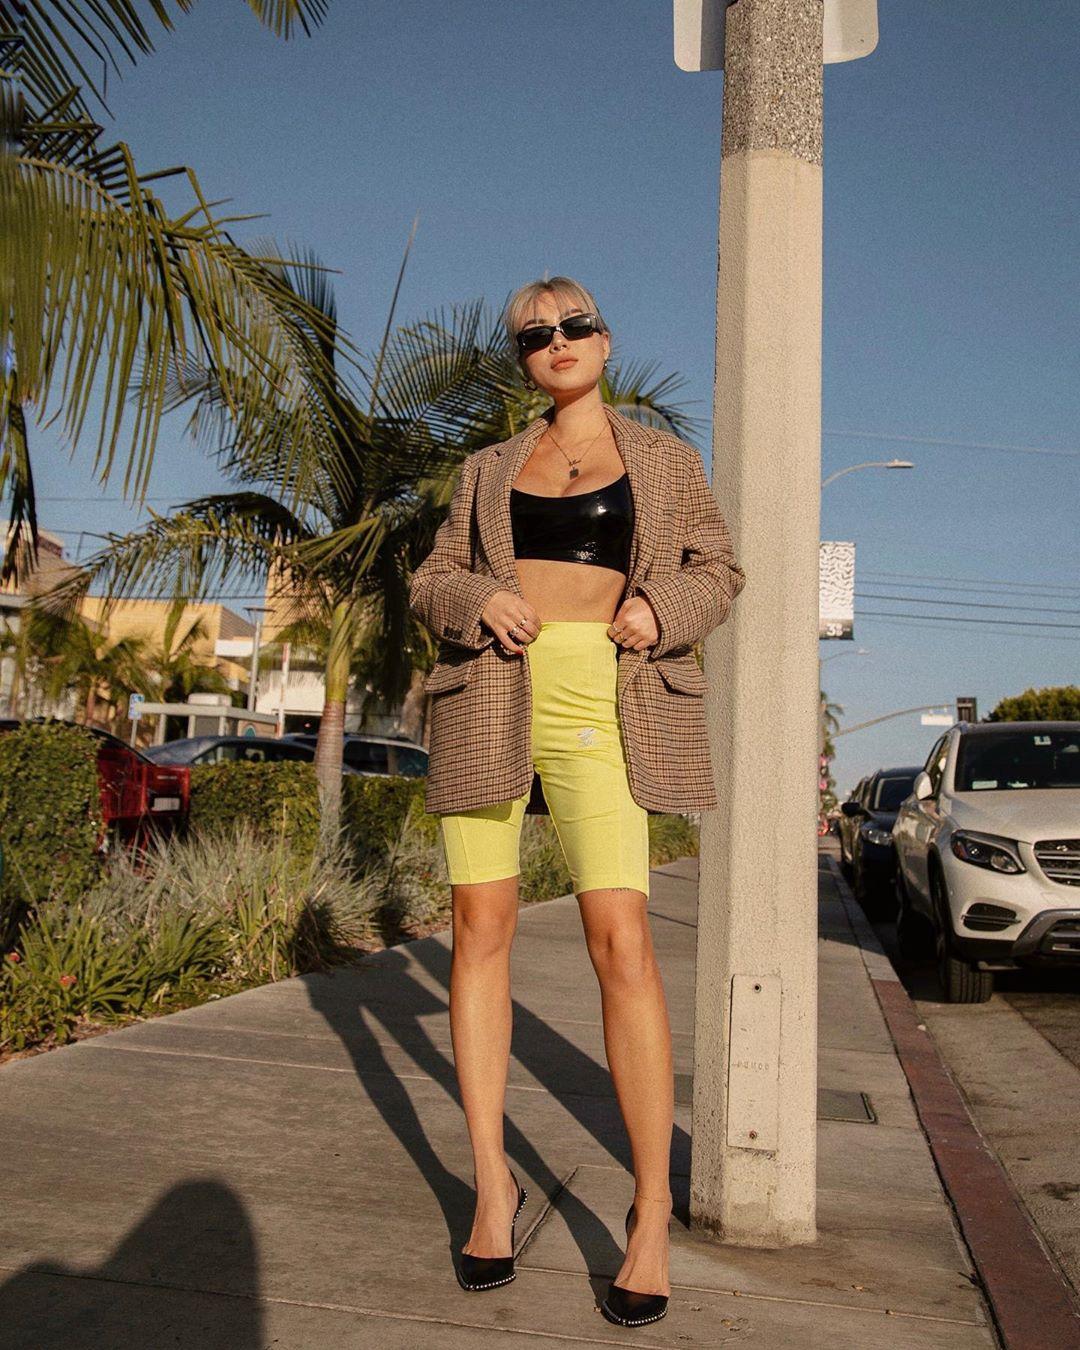 Mặc đẹp áo blazer với cách phối vest phom rộng theo phong cách sporty chic